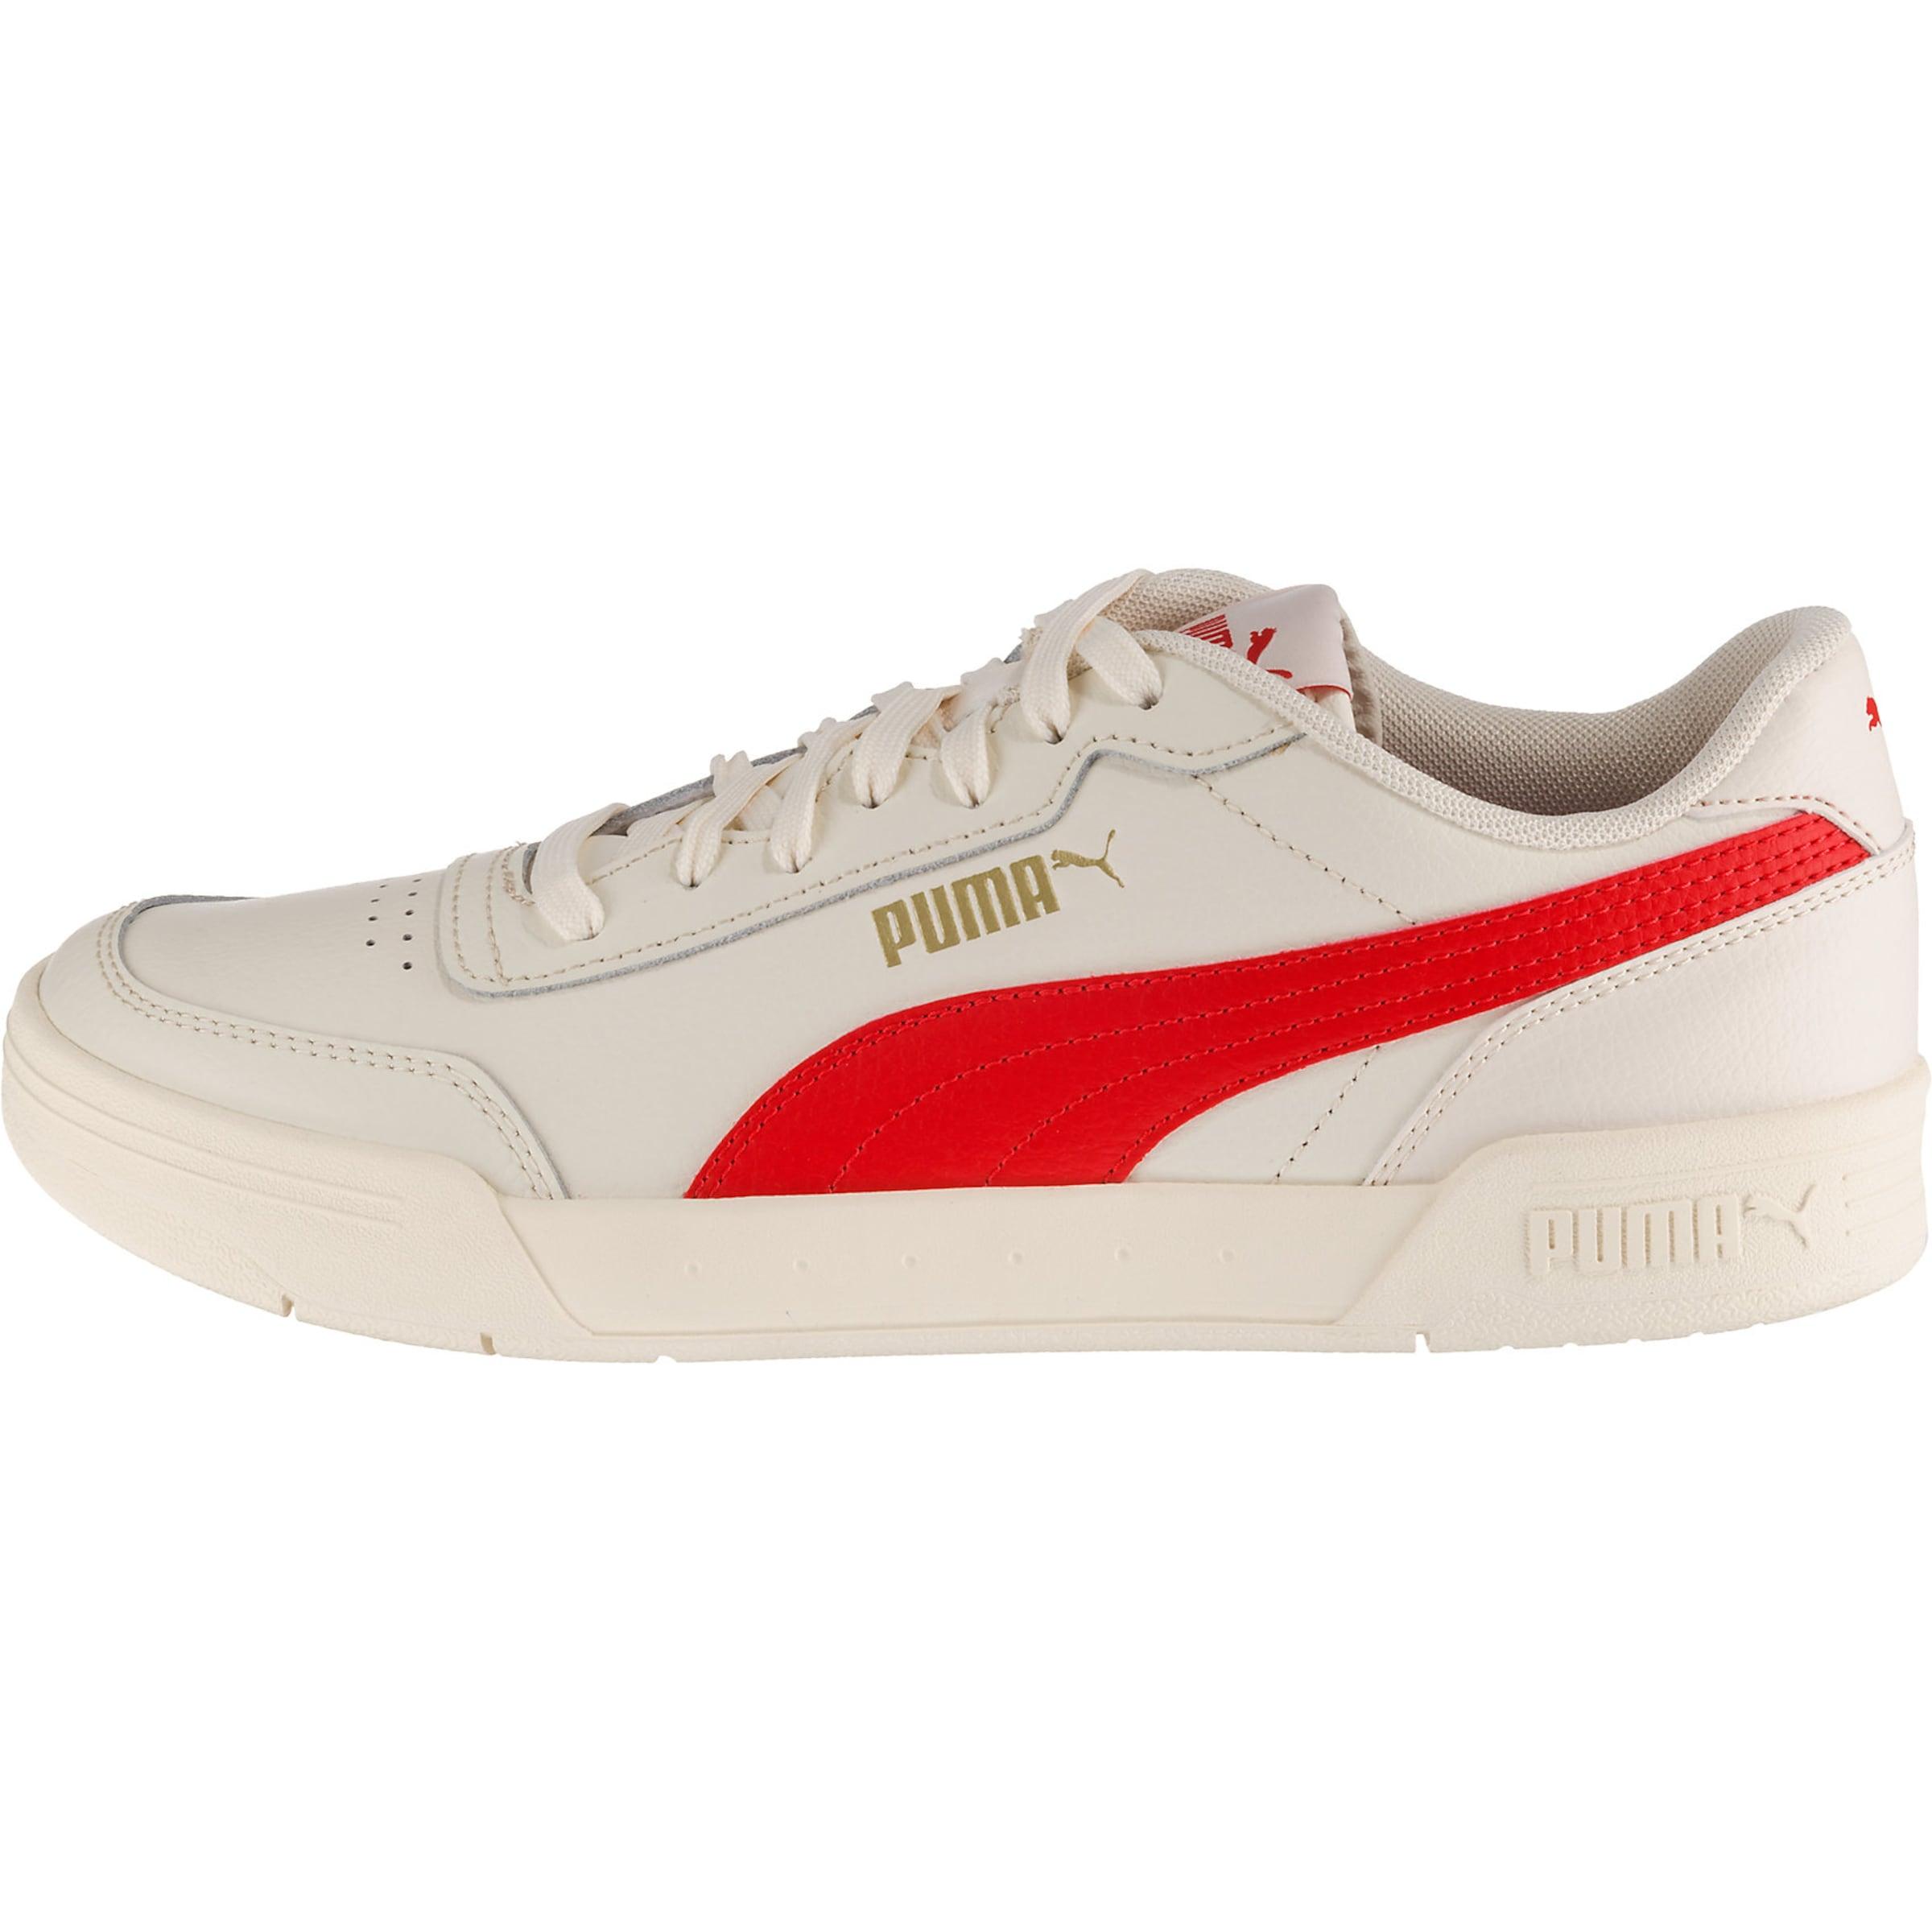 Weiß In In Weiß Puma Puma Sneaker Puma Sneaker AL54Rj